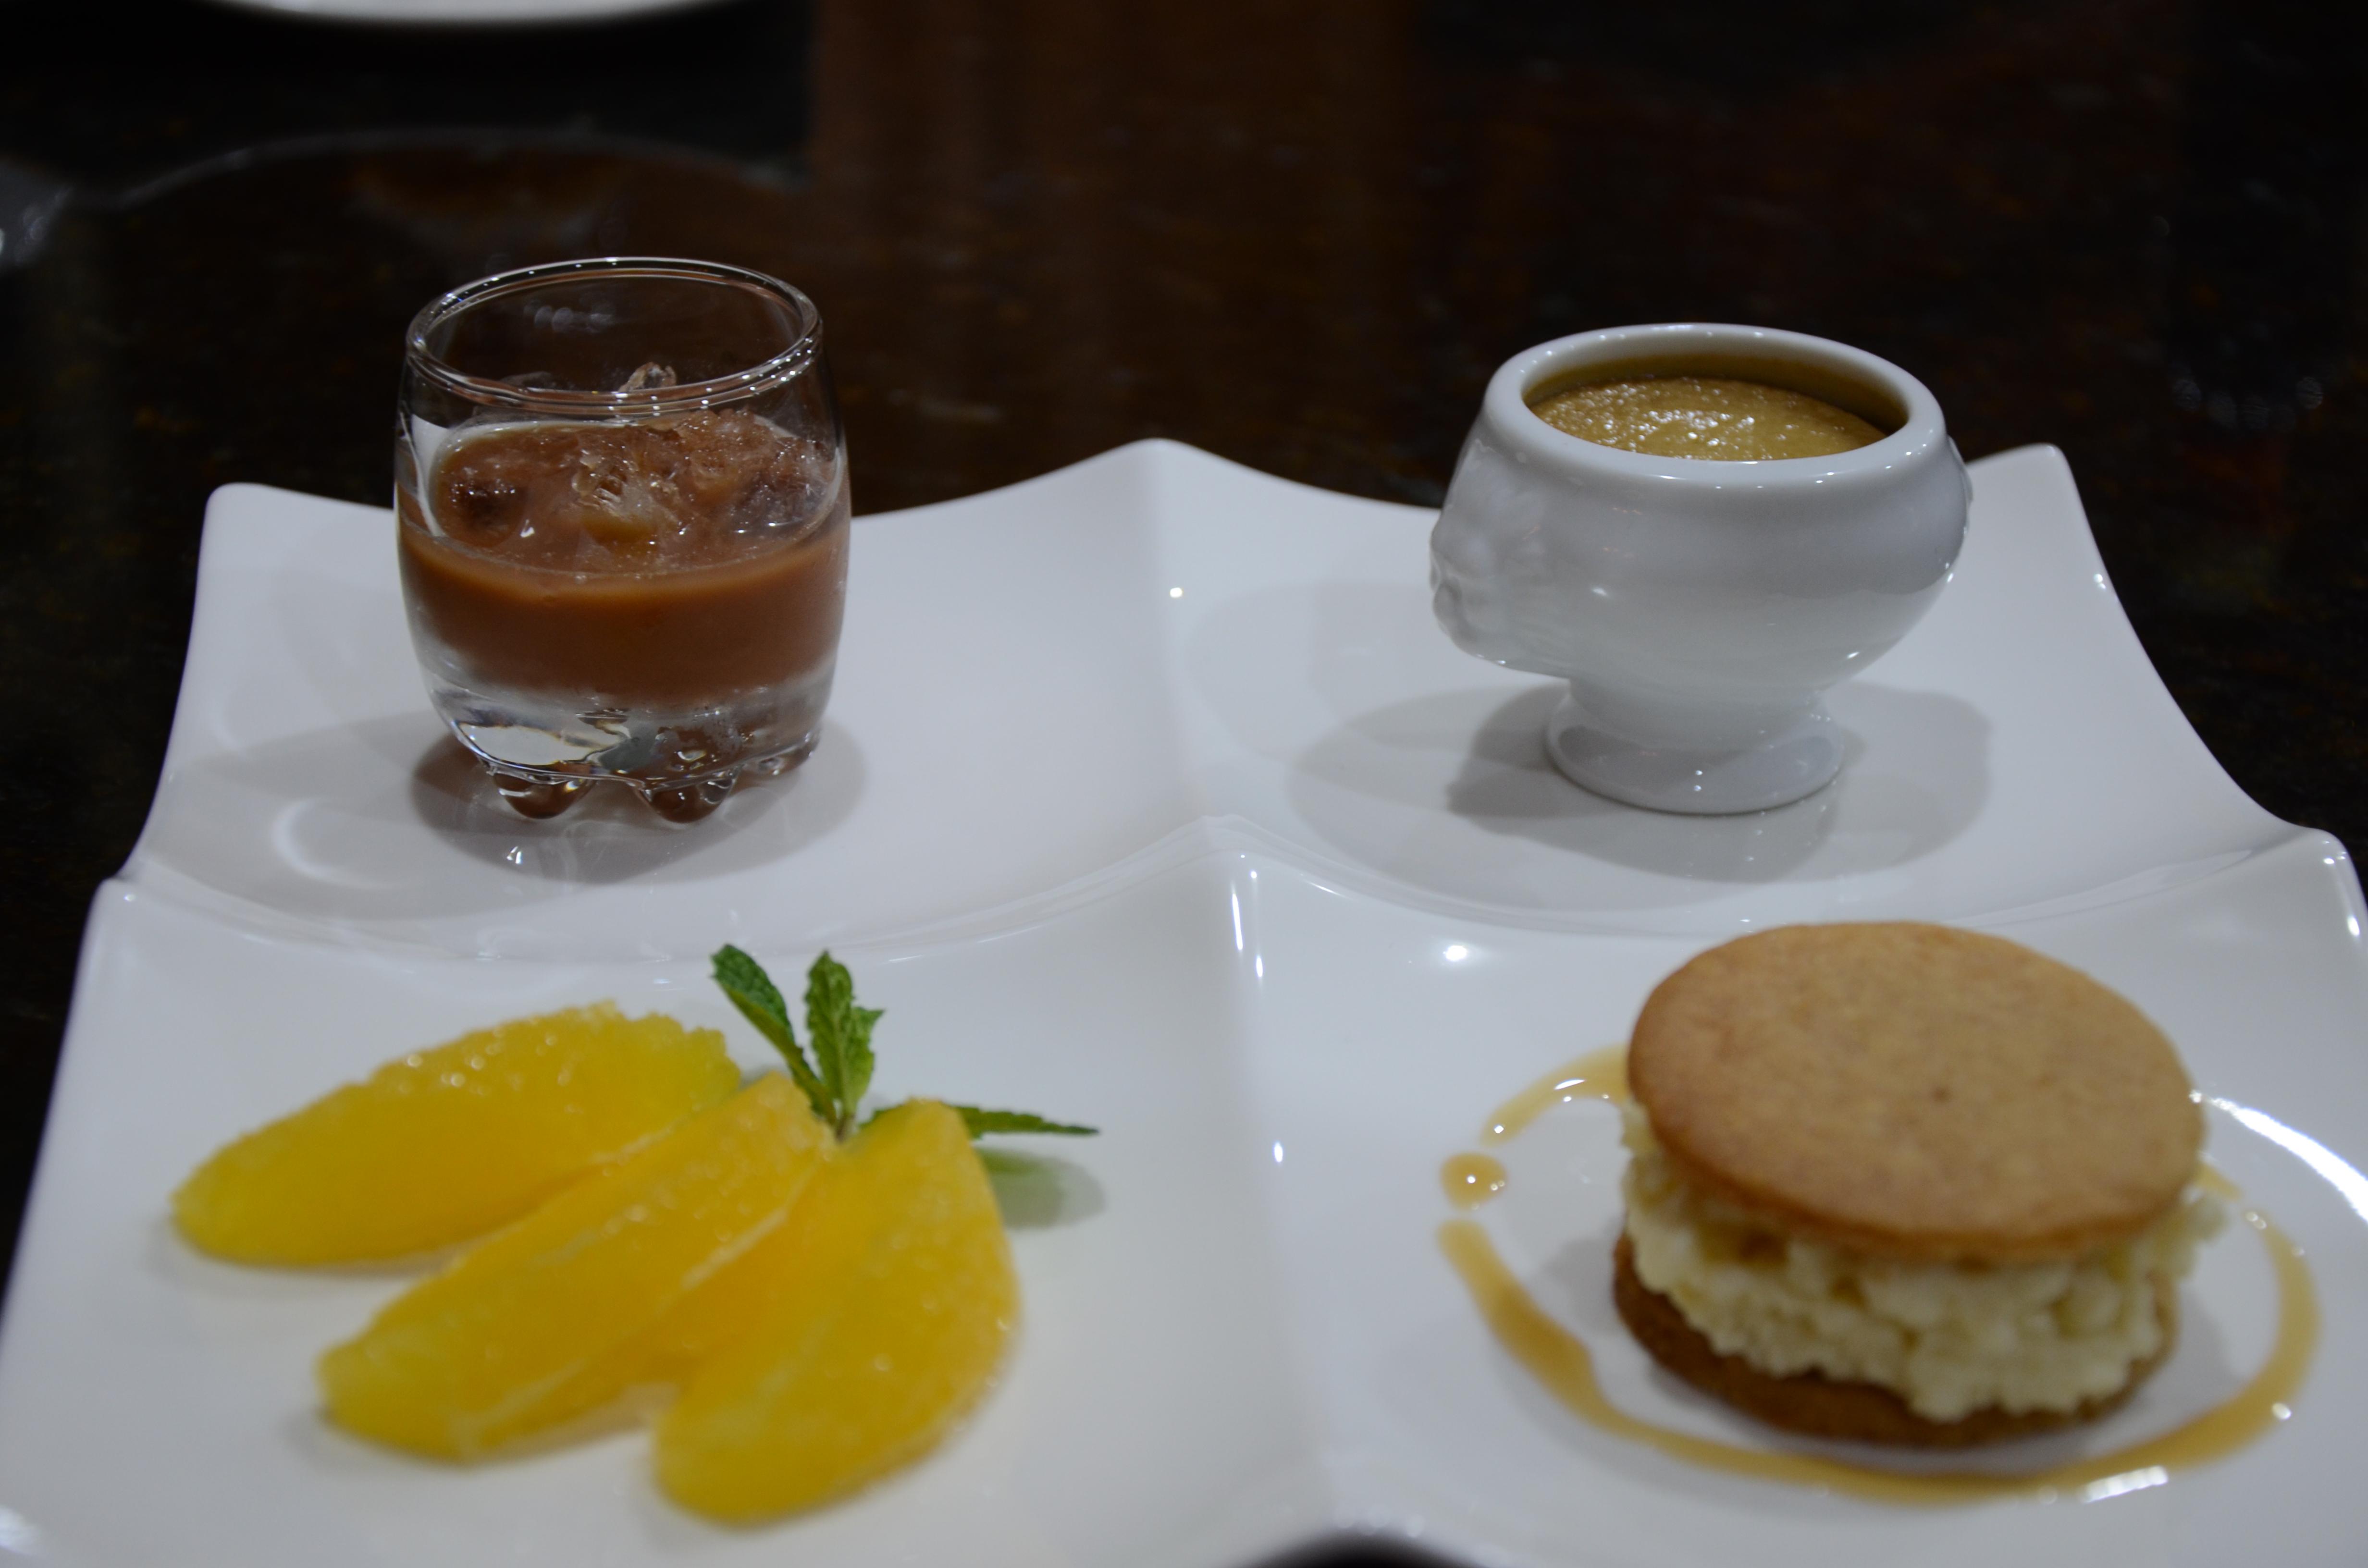 Four Square dessert